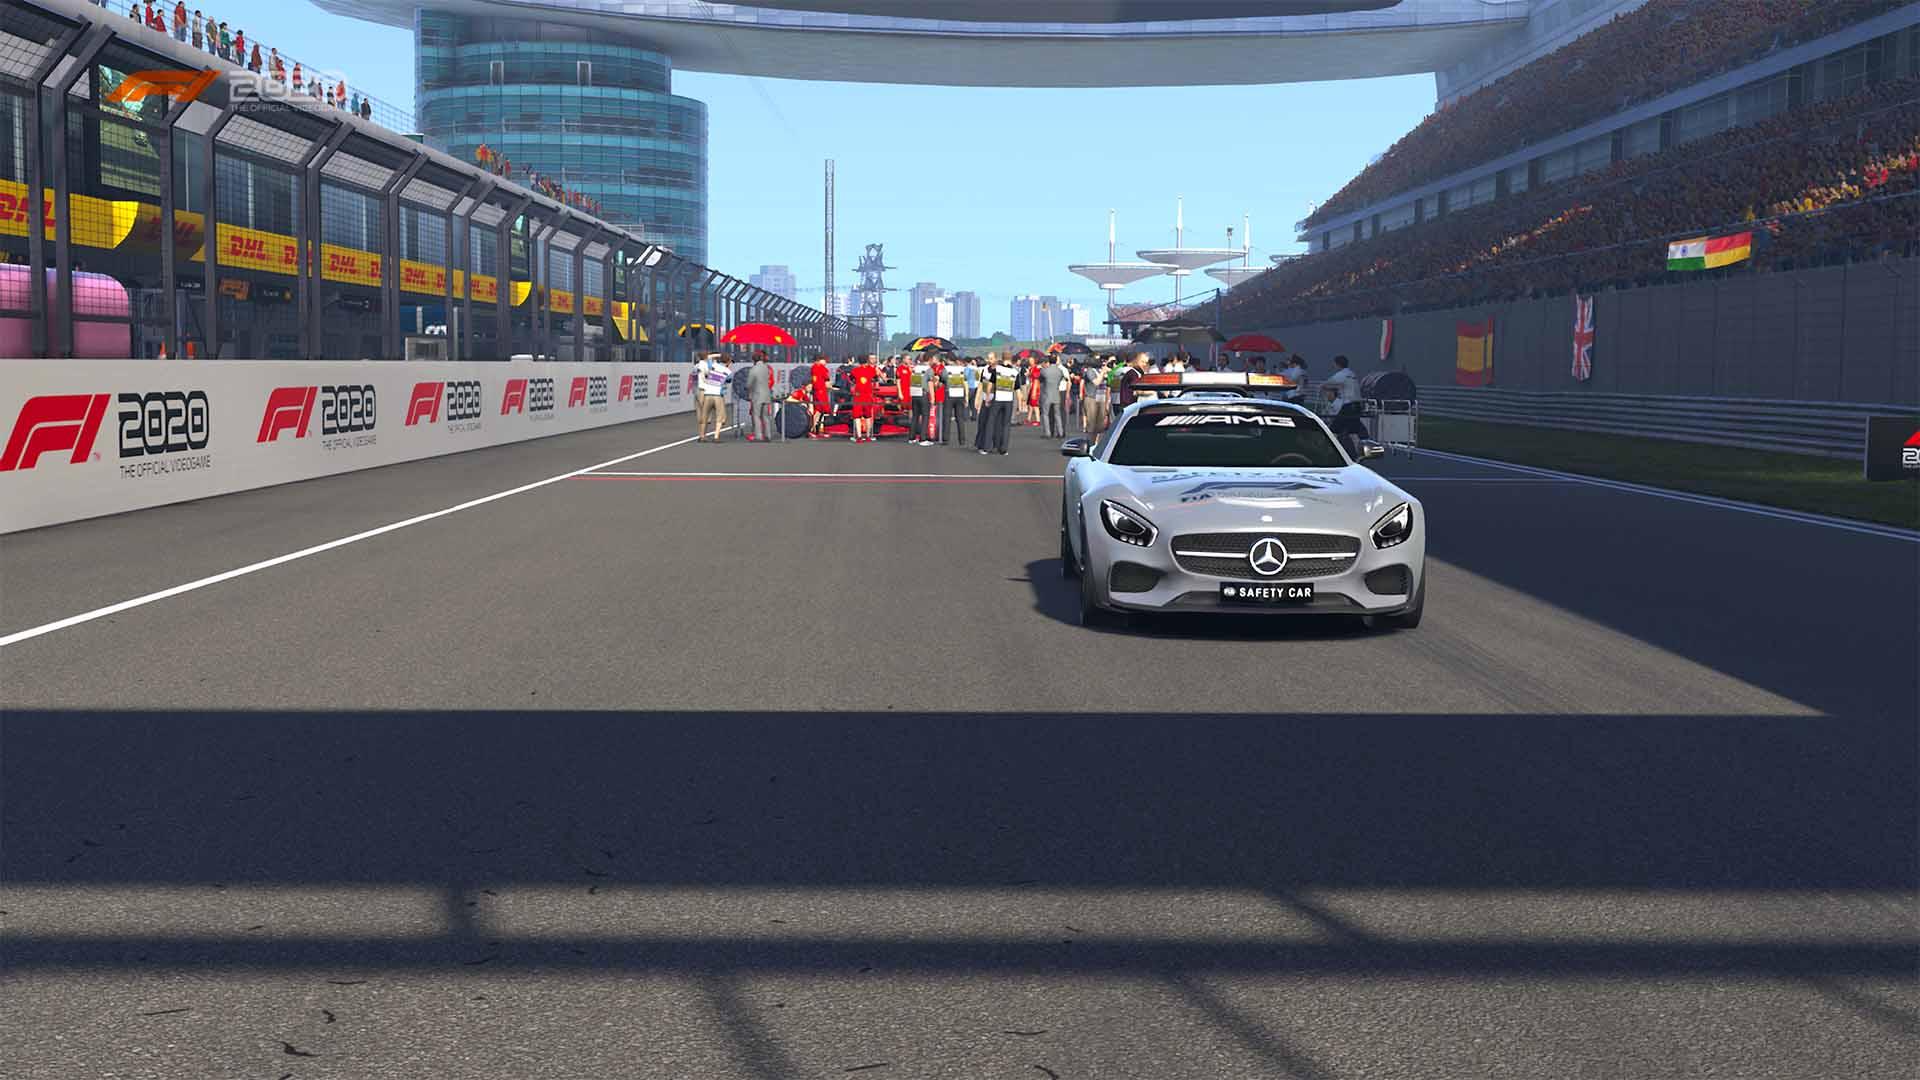 Completo análisis de rendimiento de F1 2020 en consolas confirma un gran rendimiento del juego 2